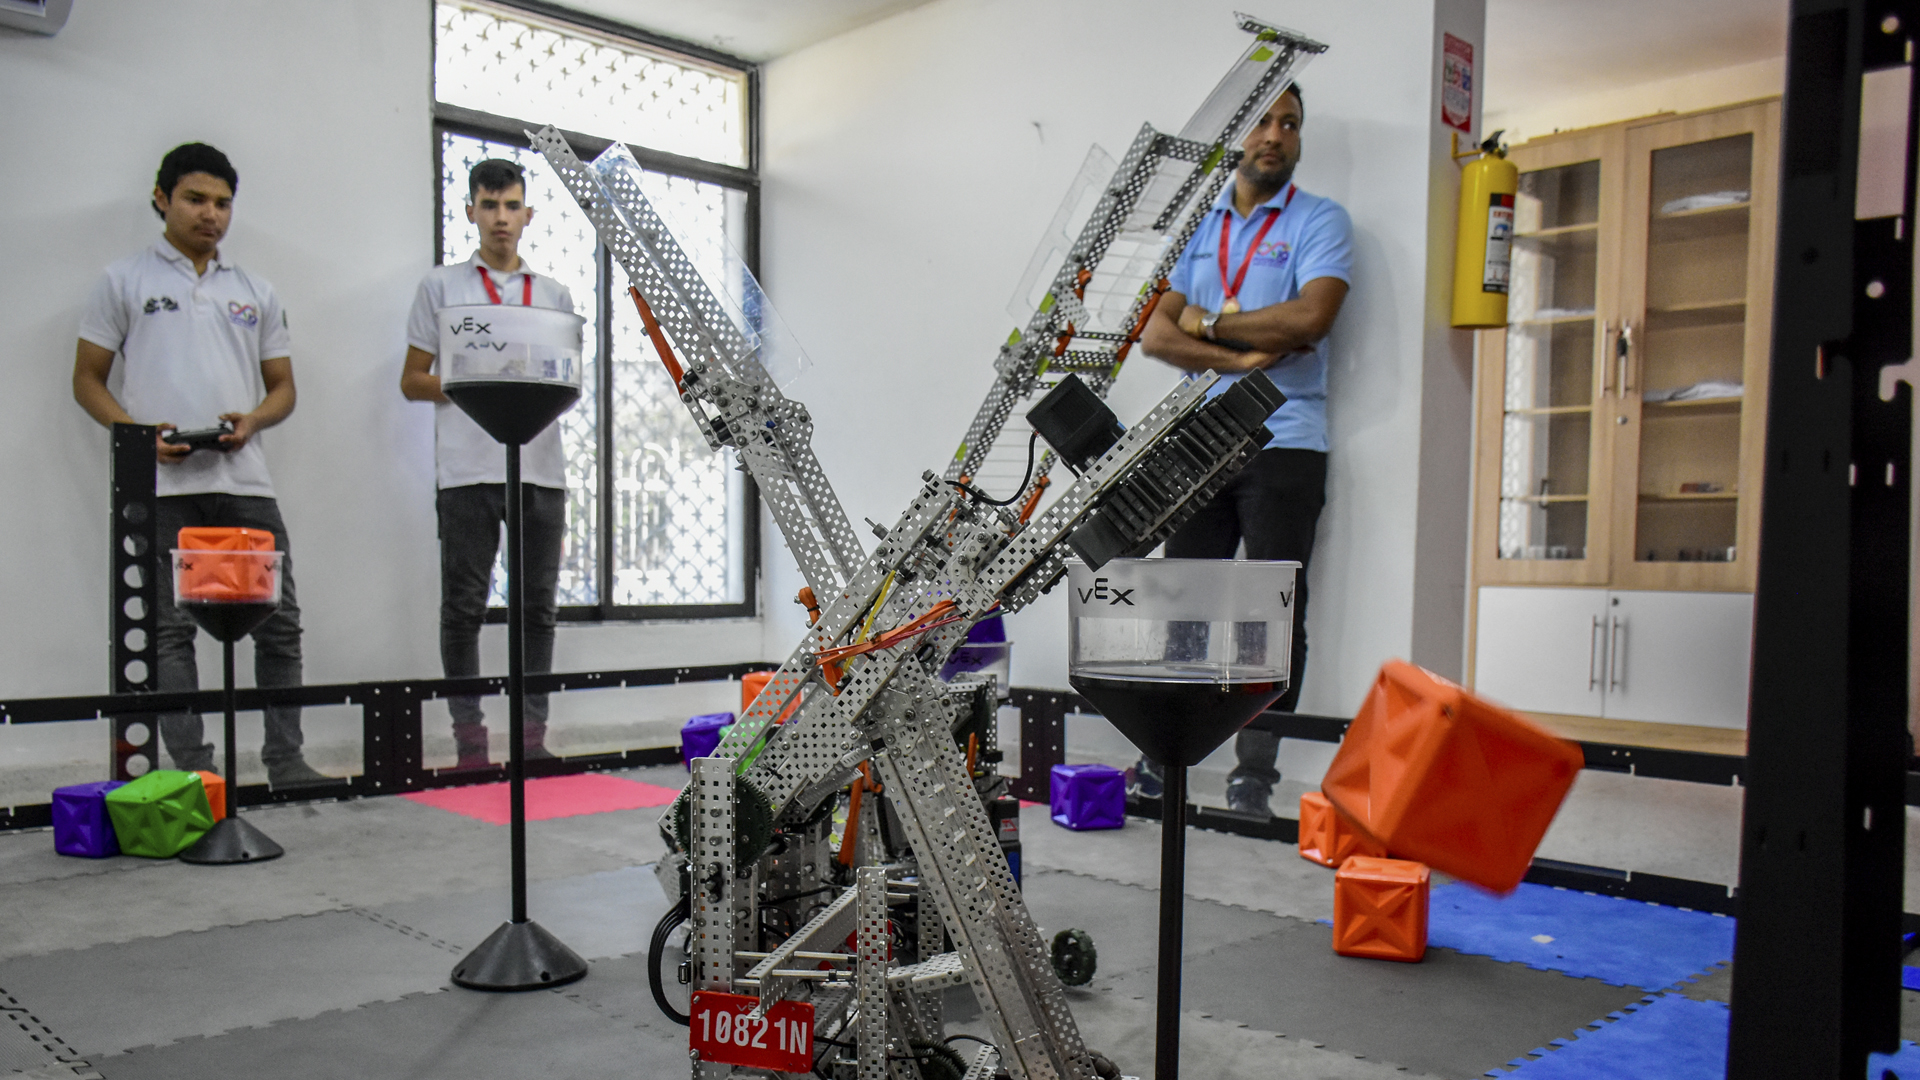 Prototipo de robot conducido por los jóvenes.